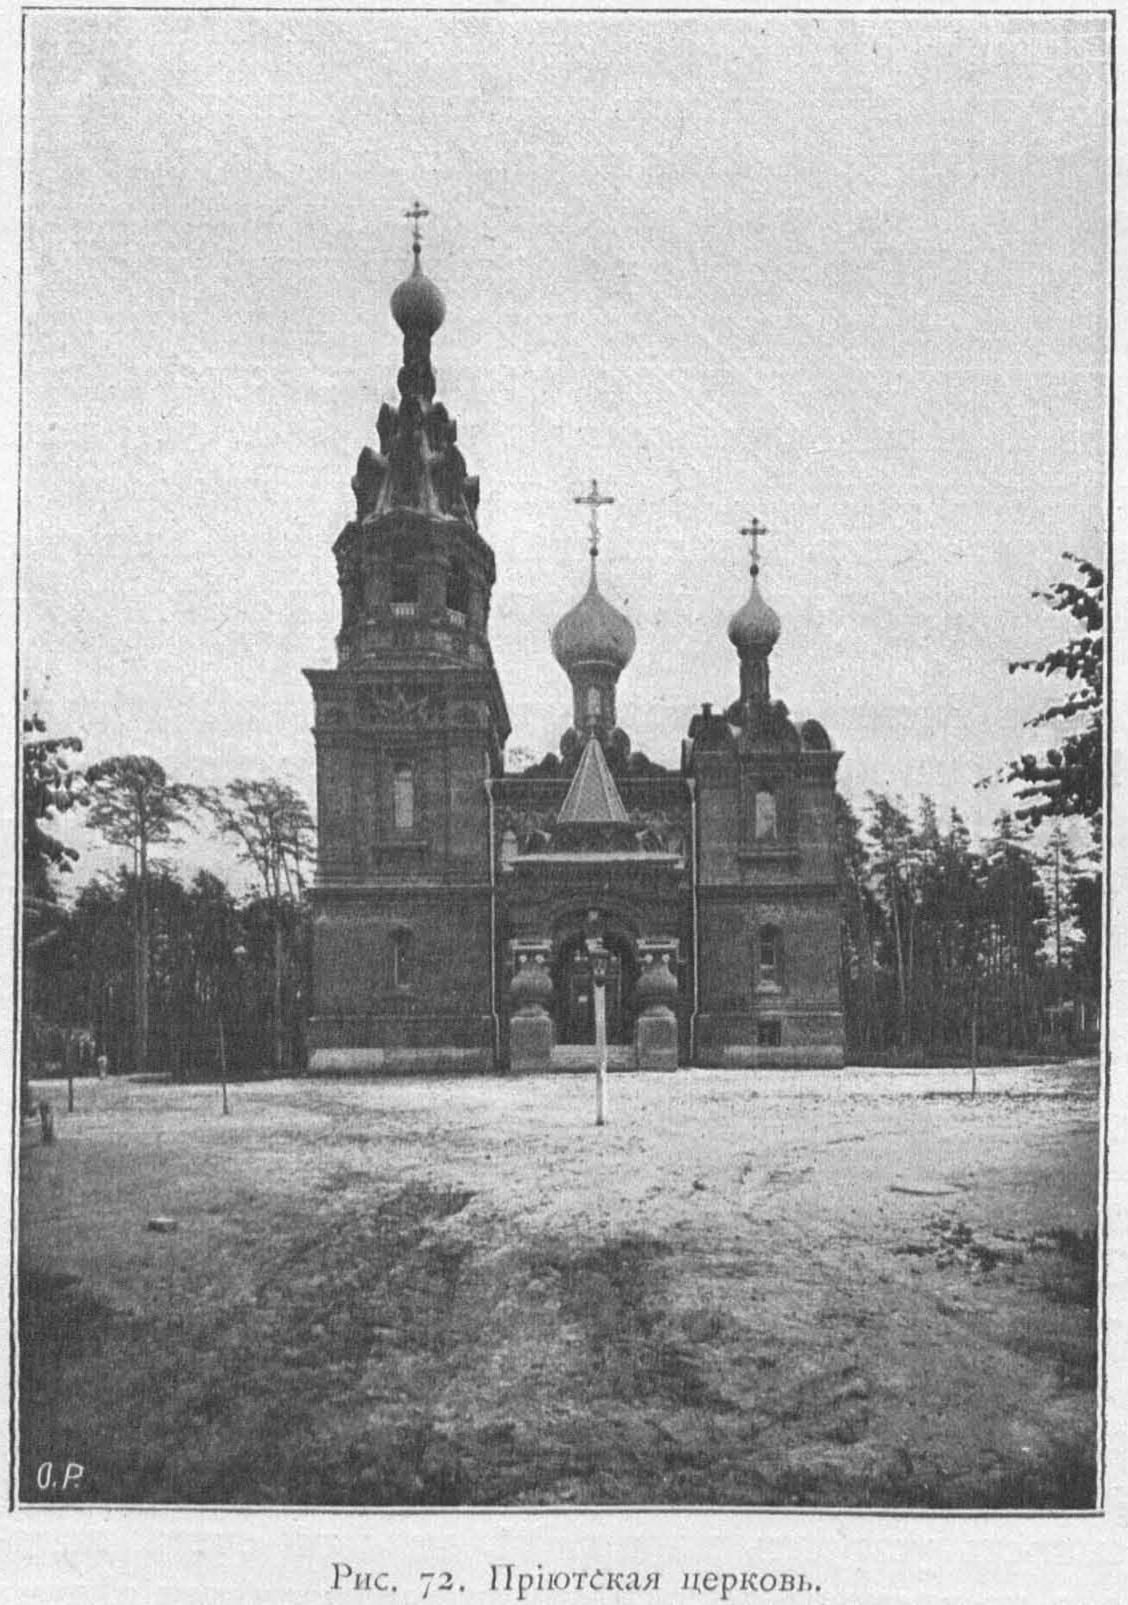 Церковь сиротского приюта имени бр. П., А. и В. Бахрушиных